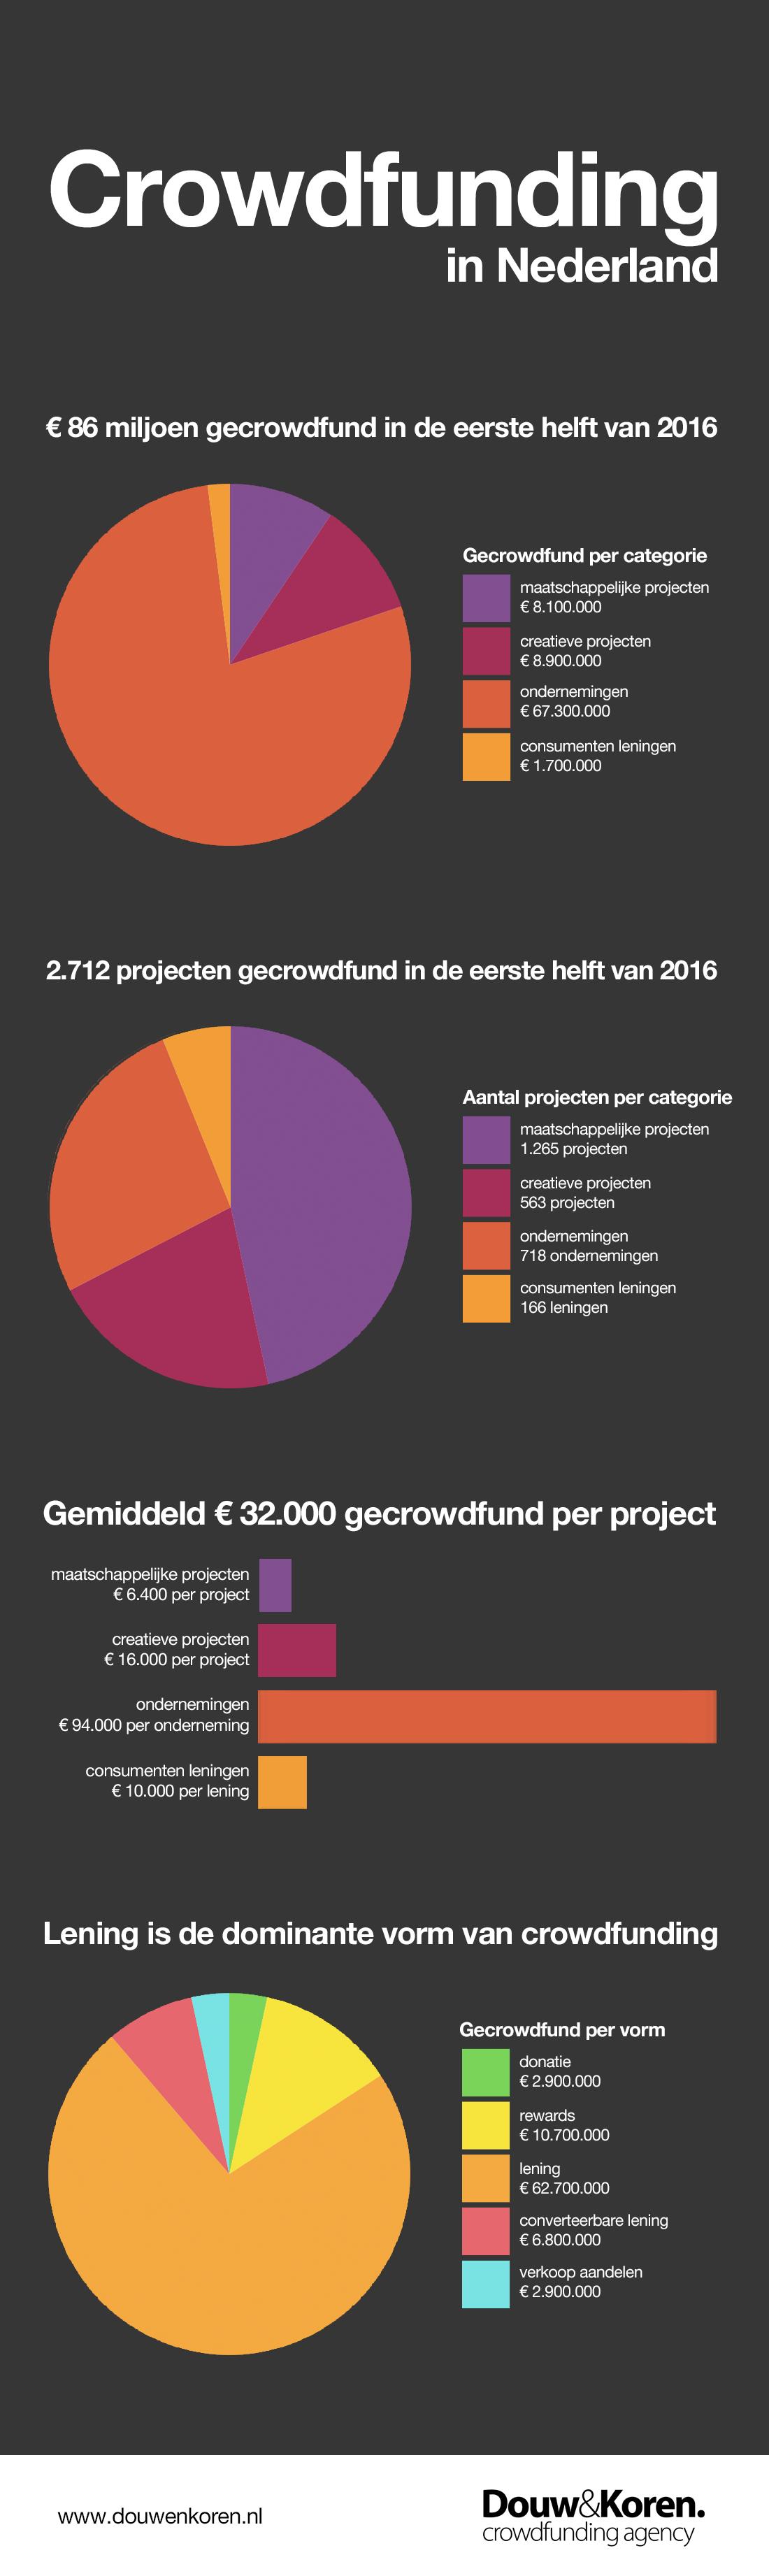 D&K - Crowdfunding in Nederland - eerste helft 2016